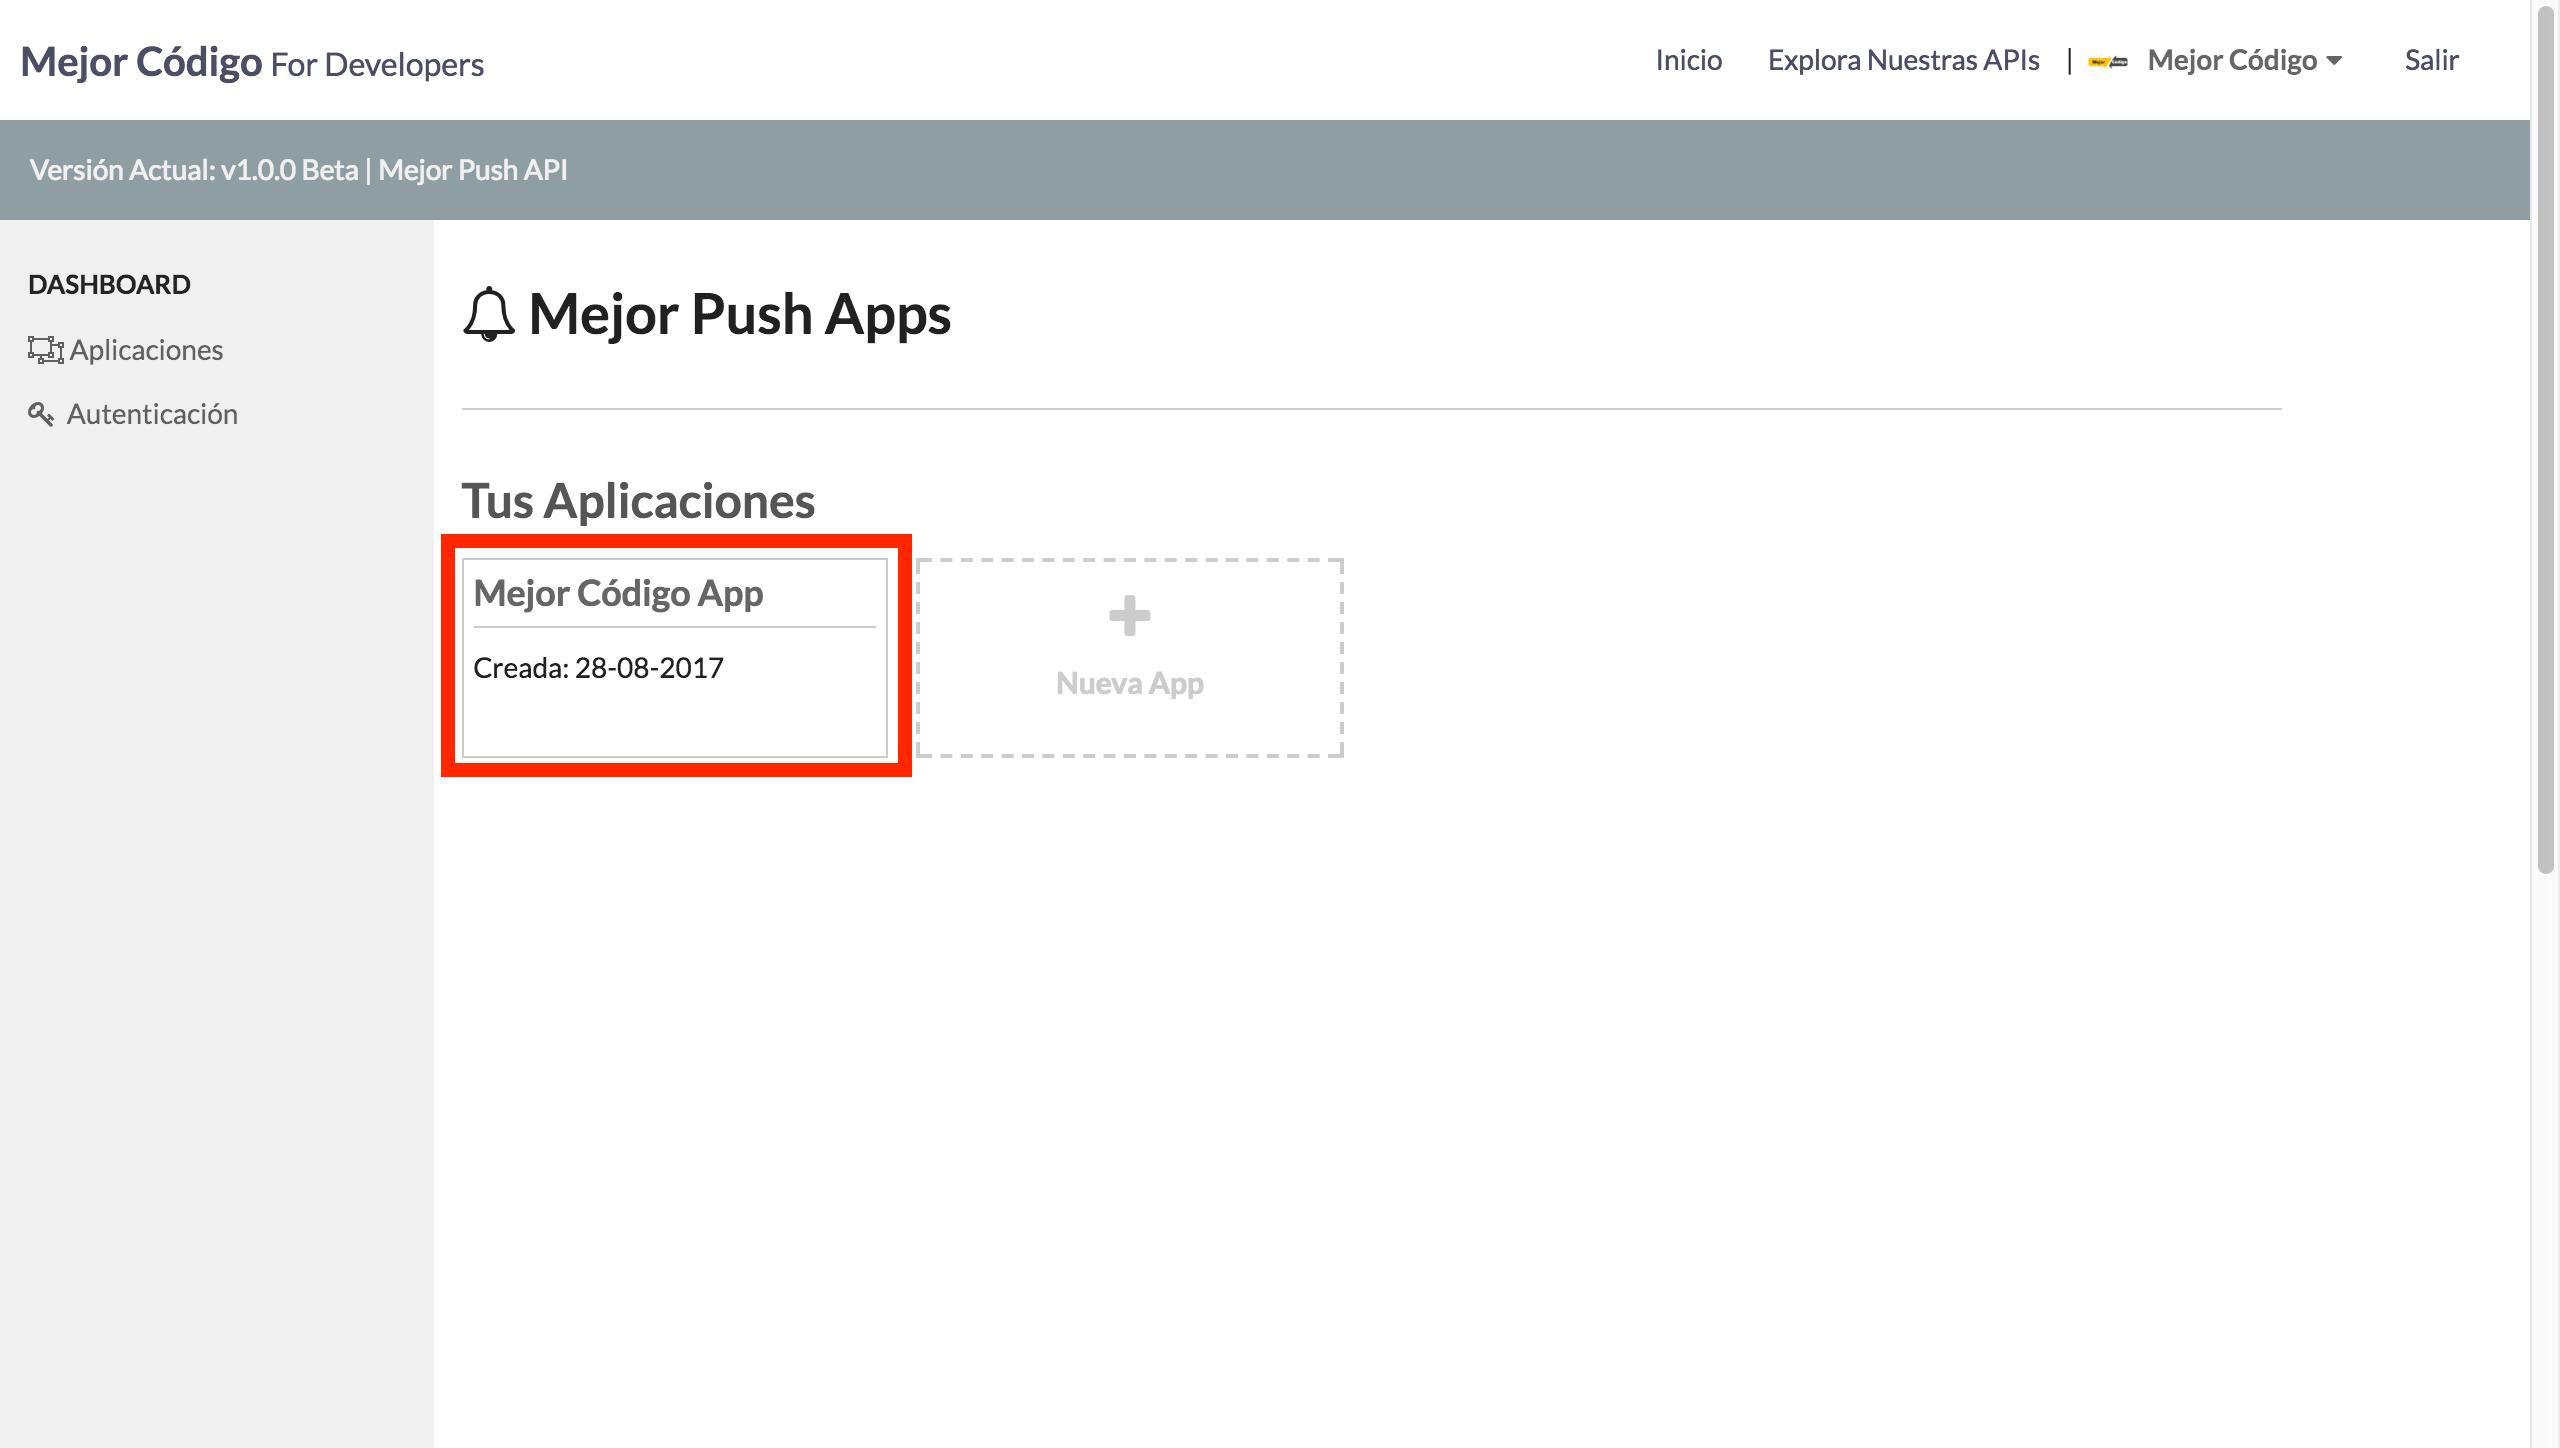 Mejor Push API